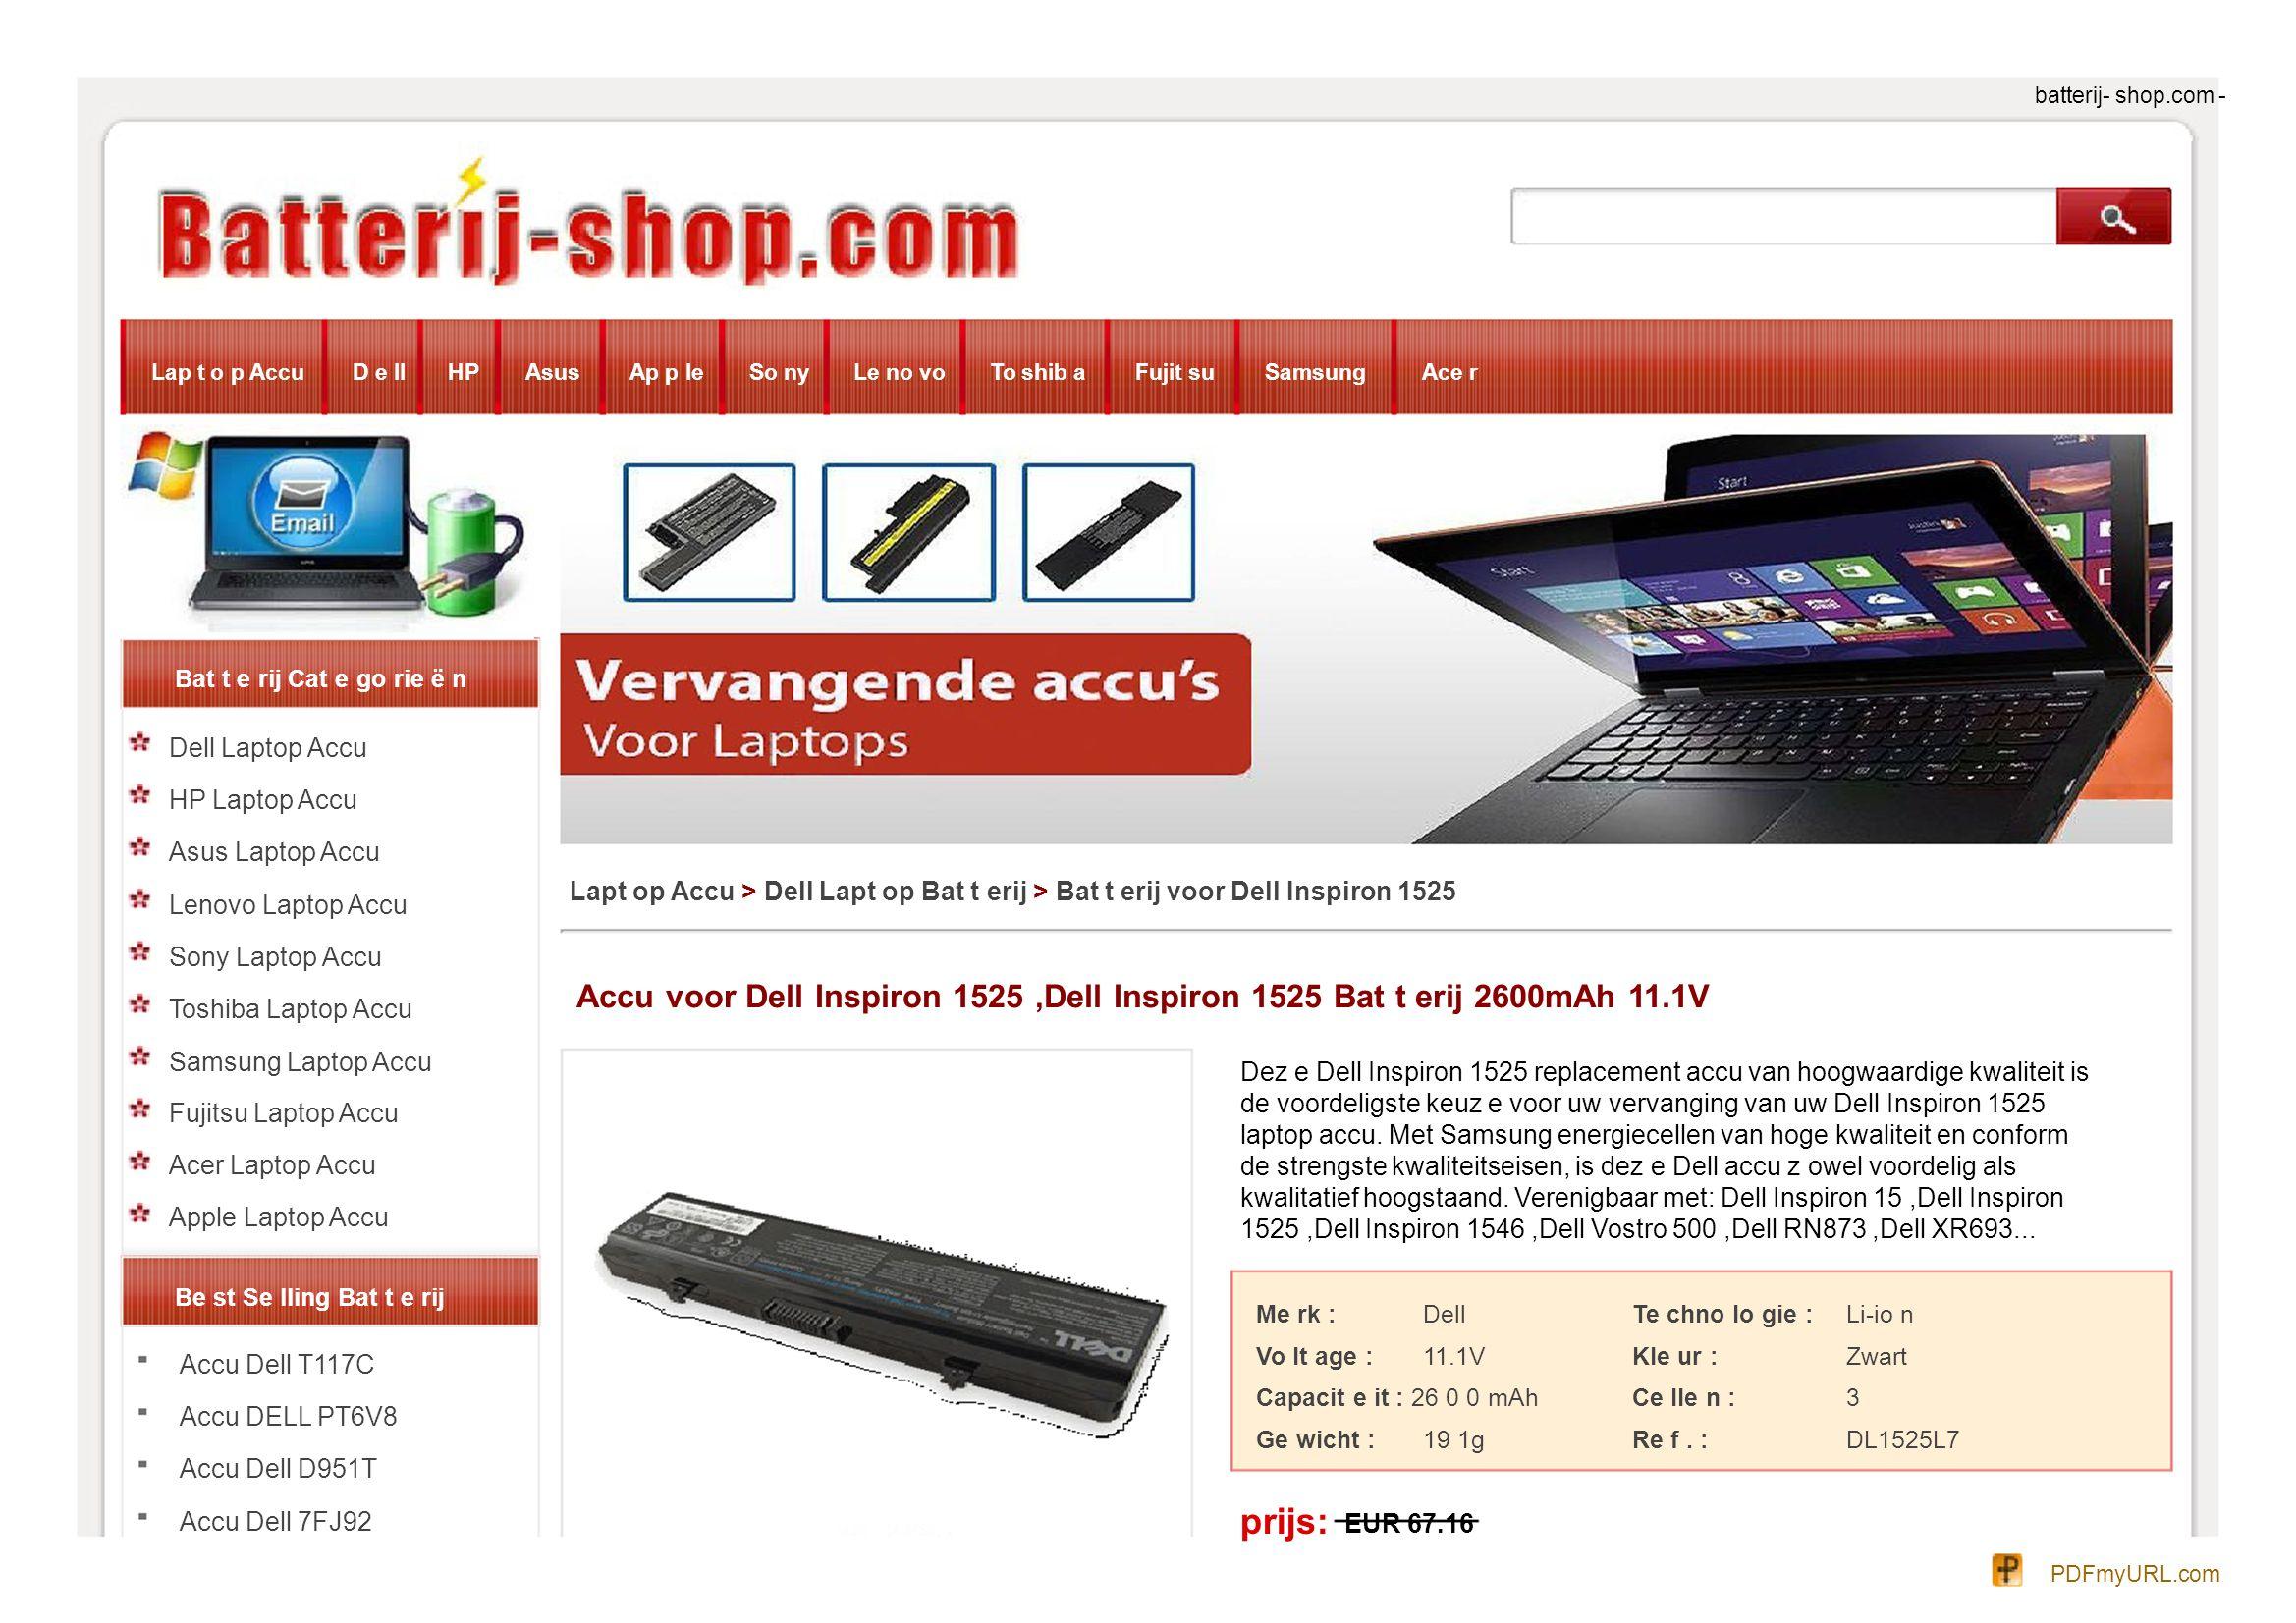 batterij- shop.com - Lap t o p AccuD e llHPAsusAp p leSo nyLe no voTo shib aFujit suSamsungAce r Bat t e rij Cat e go rie ë n Dell Laptop Accu HP Laptop Accu Asus Laptop Accu Lenovo Laptop Accu Sony Laptop Accu Toshiba Laptop Accu Samsung Laptop Accu Fujitsu Laptop Accu Acer Laptop Accu Apple Laptop Accu Be st Se lling Bat t e rij Lapt op Accu > Dell Lapt op Bat t erij > Bat t erij voor Dell Inspiron 1525 Accu voor Dell Inspiron 1525,Dell Inspiron 1525 Bat t erij 2600mAh 11.1V Dez e Dell Inspiron 1525 replacement accu van hoogwaardige kwaliteit is de voordeligste keuz e voor uw vervanging van uw Dell Inspiron 1525 laptop accu.